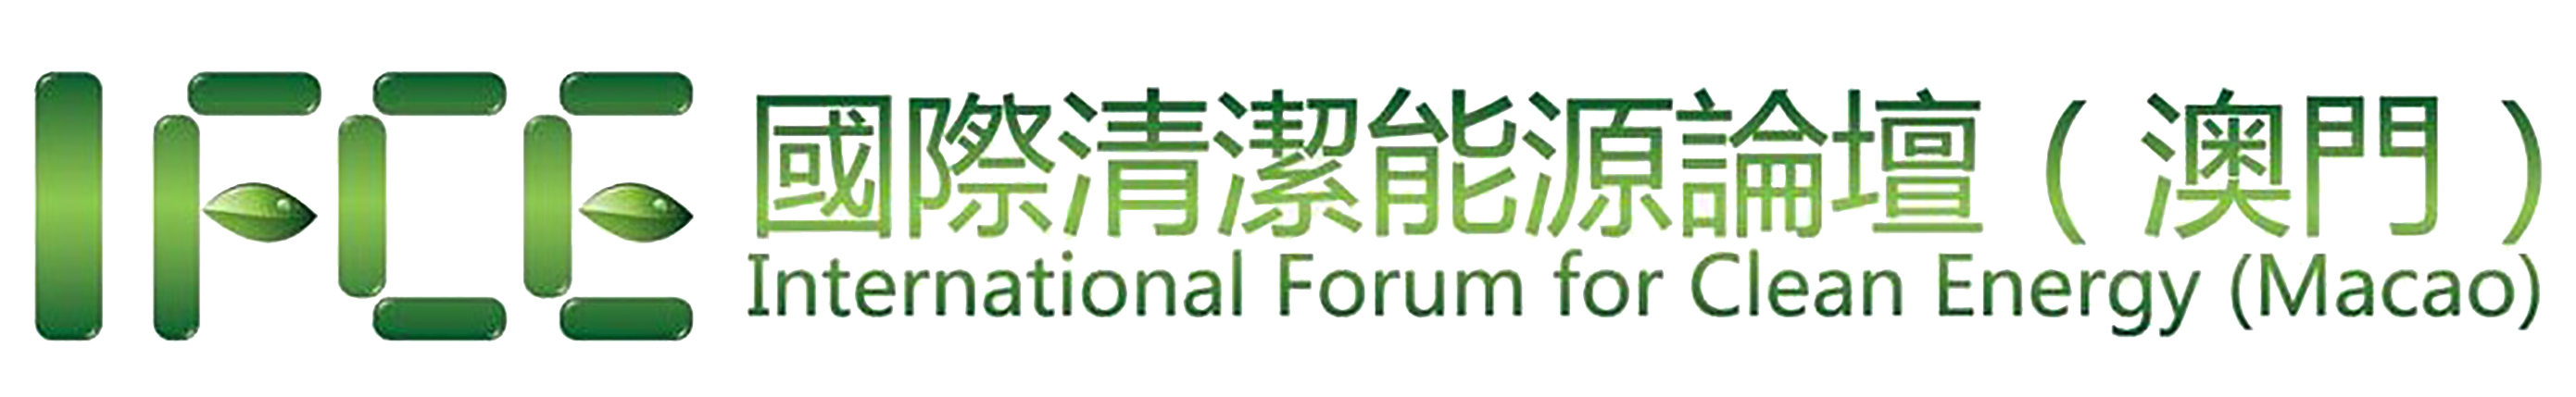 國際清潔能源論壇-澳門長版logo-透明背景